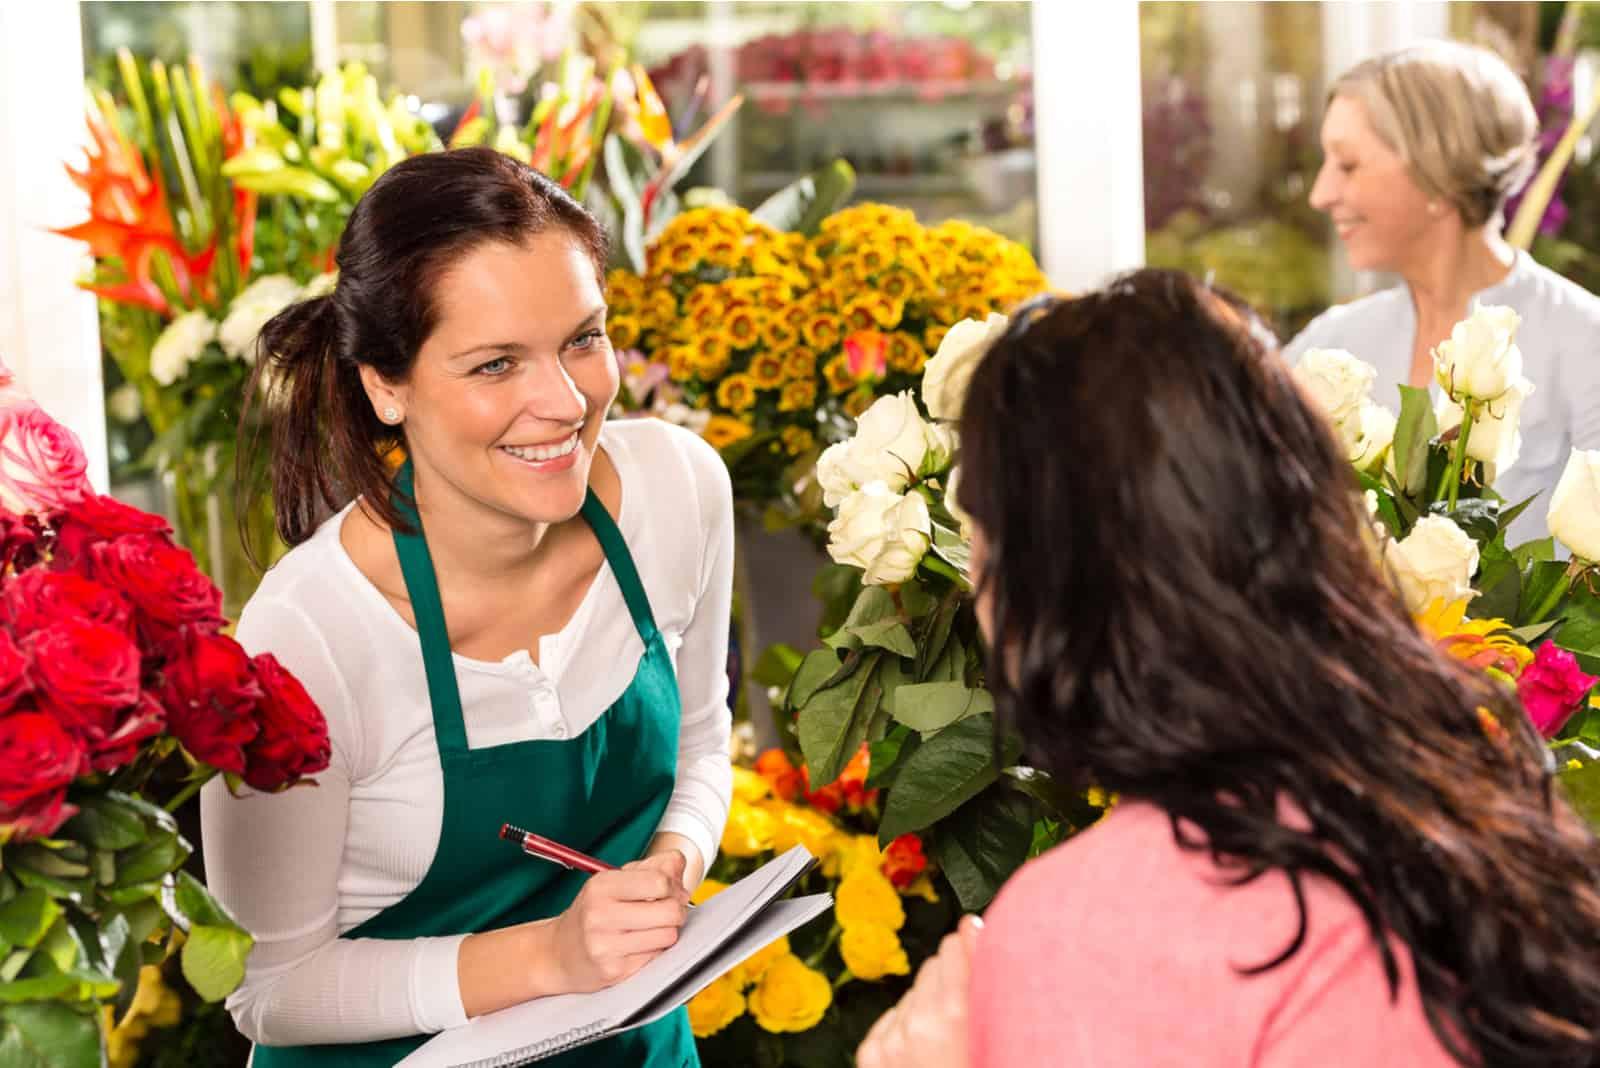 Ein lächelnder Florist spricht mit dem Kunden